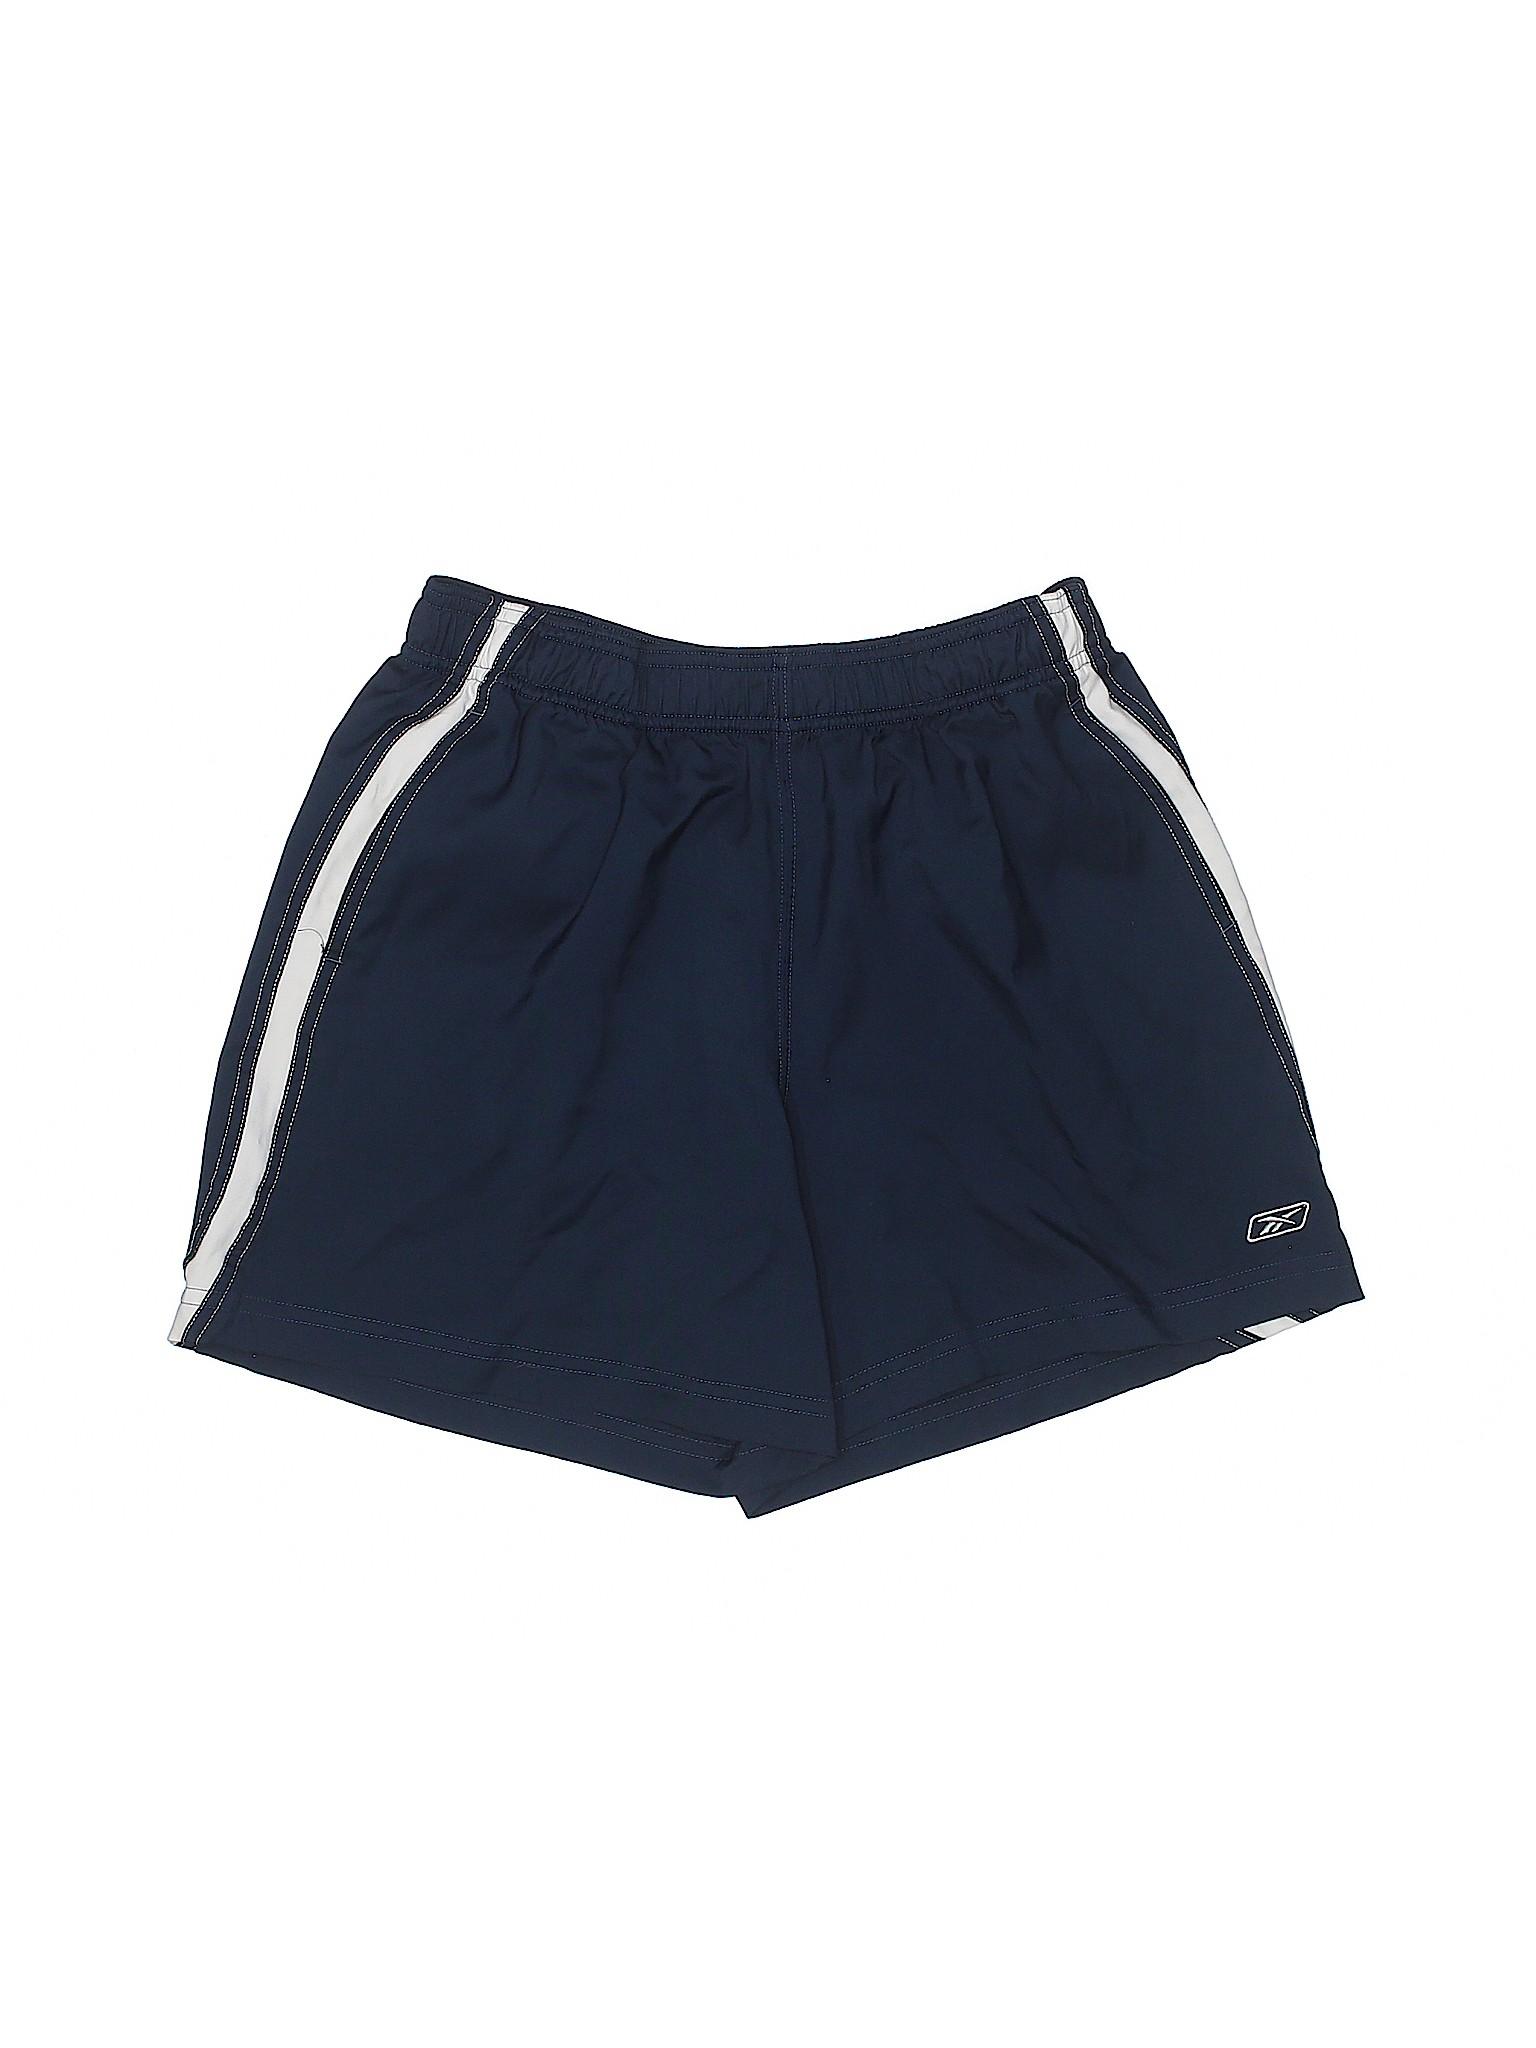 Shorts Boutique RBX RBX Boutique Shorts Shorts RBX Boutique CwqZTPW